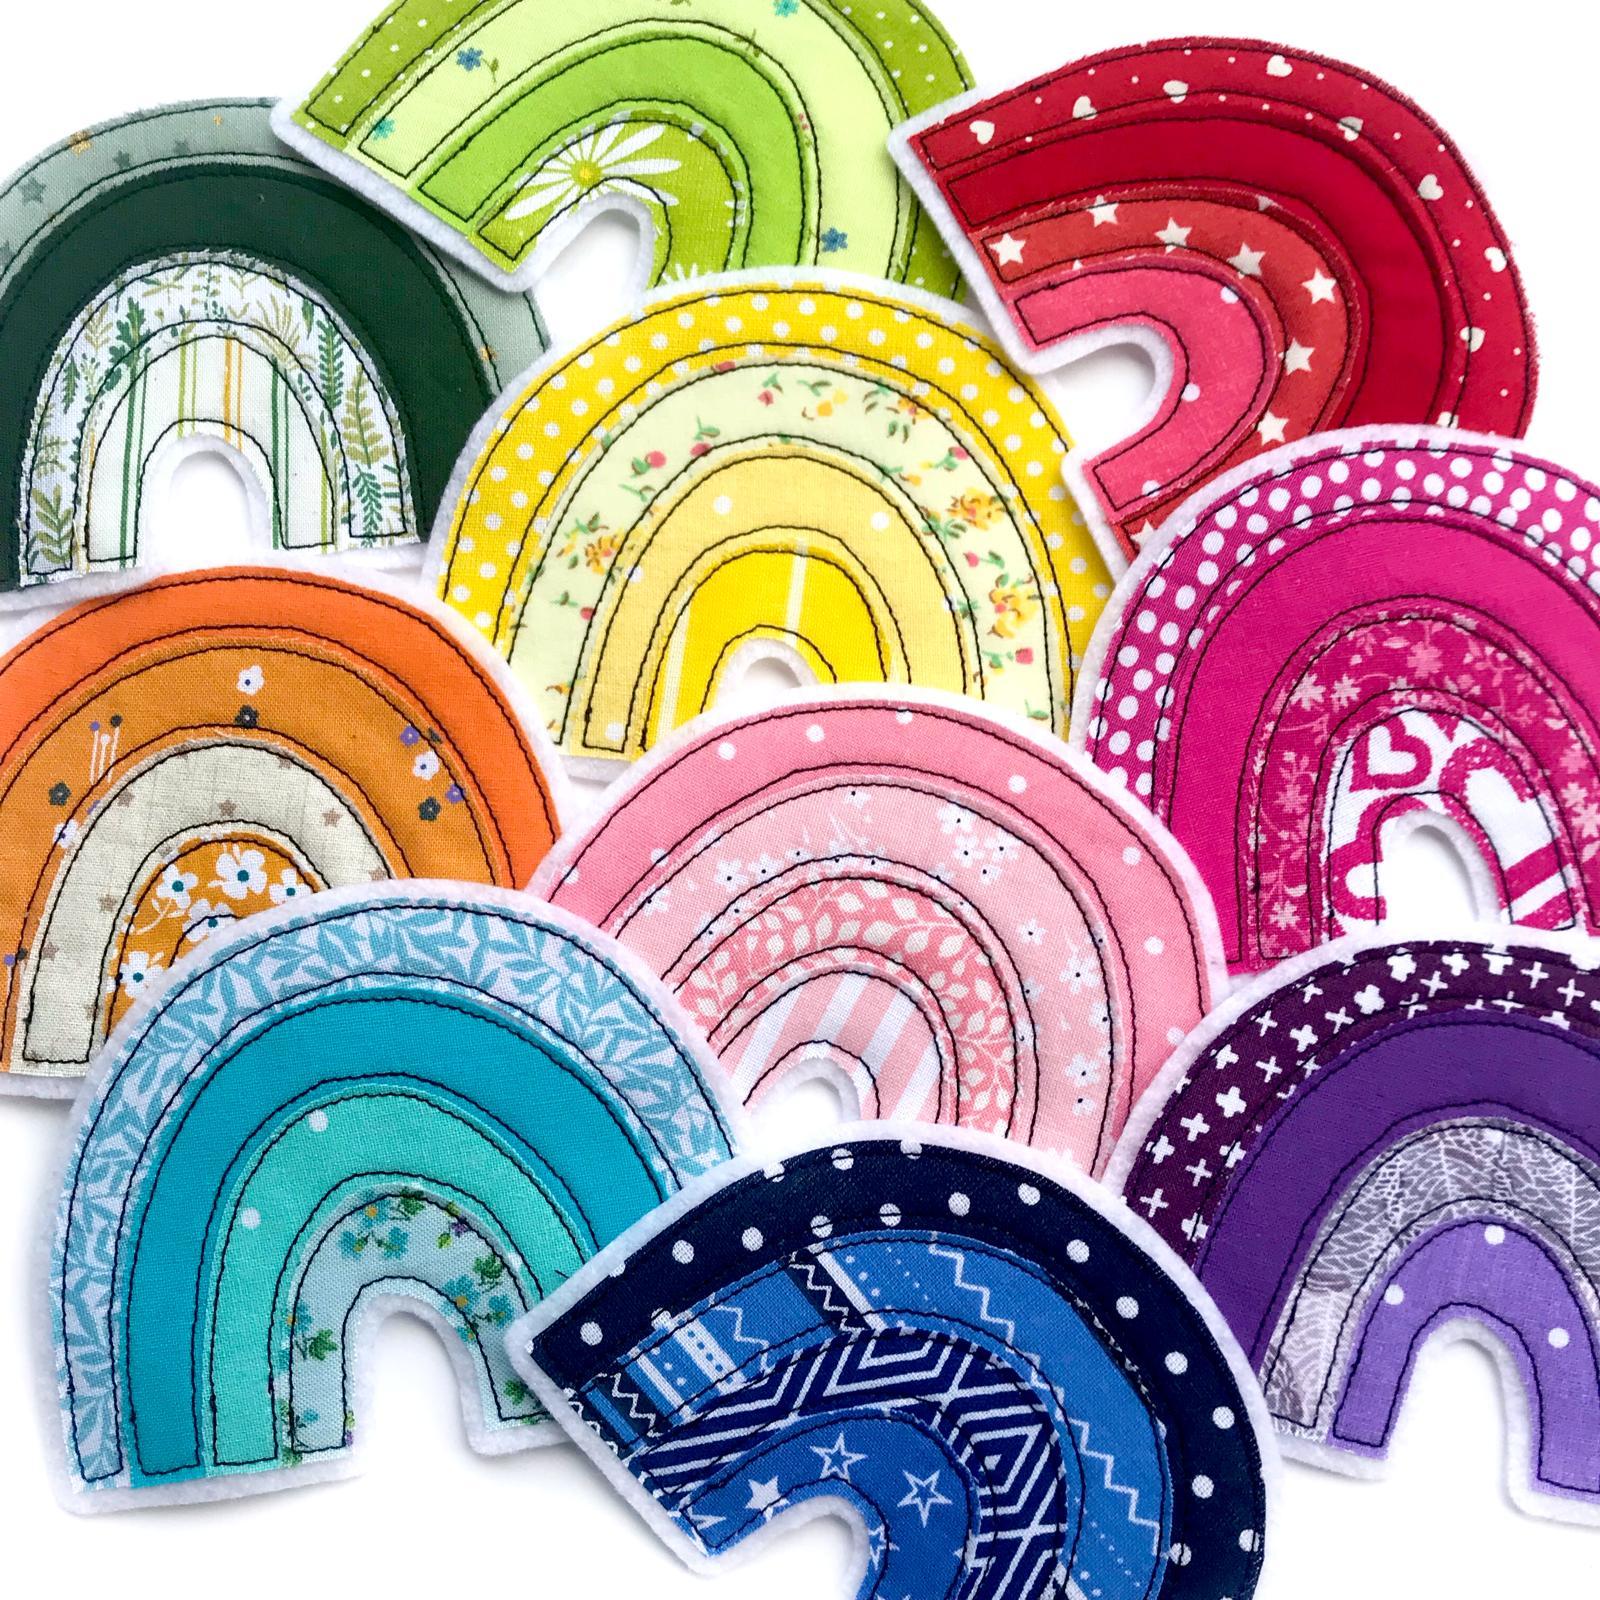 Tink&Reu, Fabric Rainbows